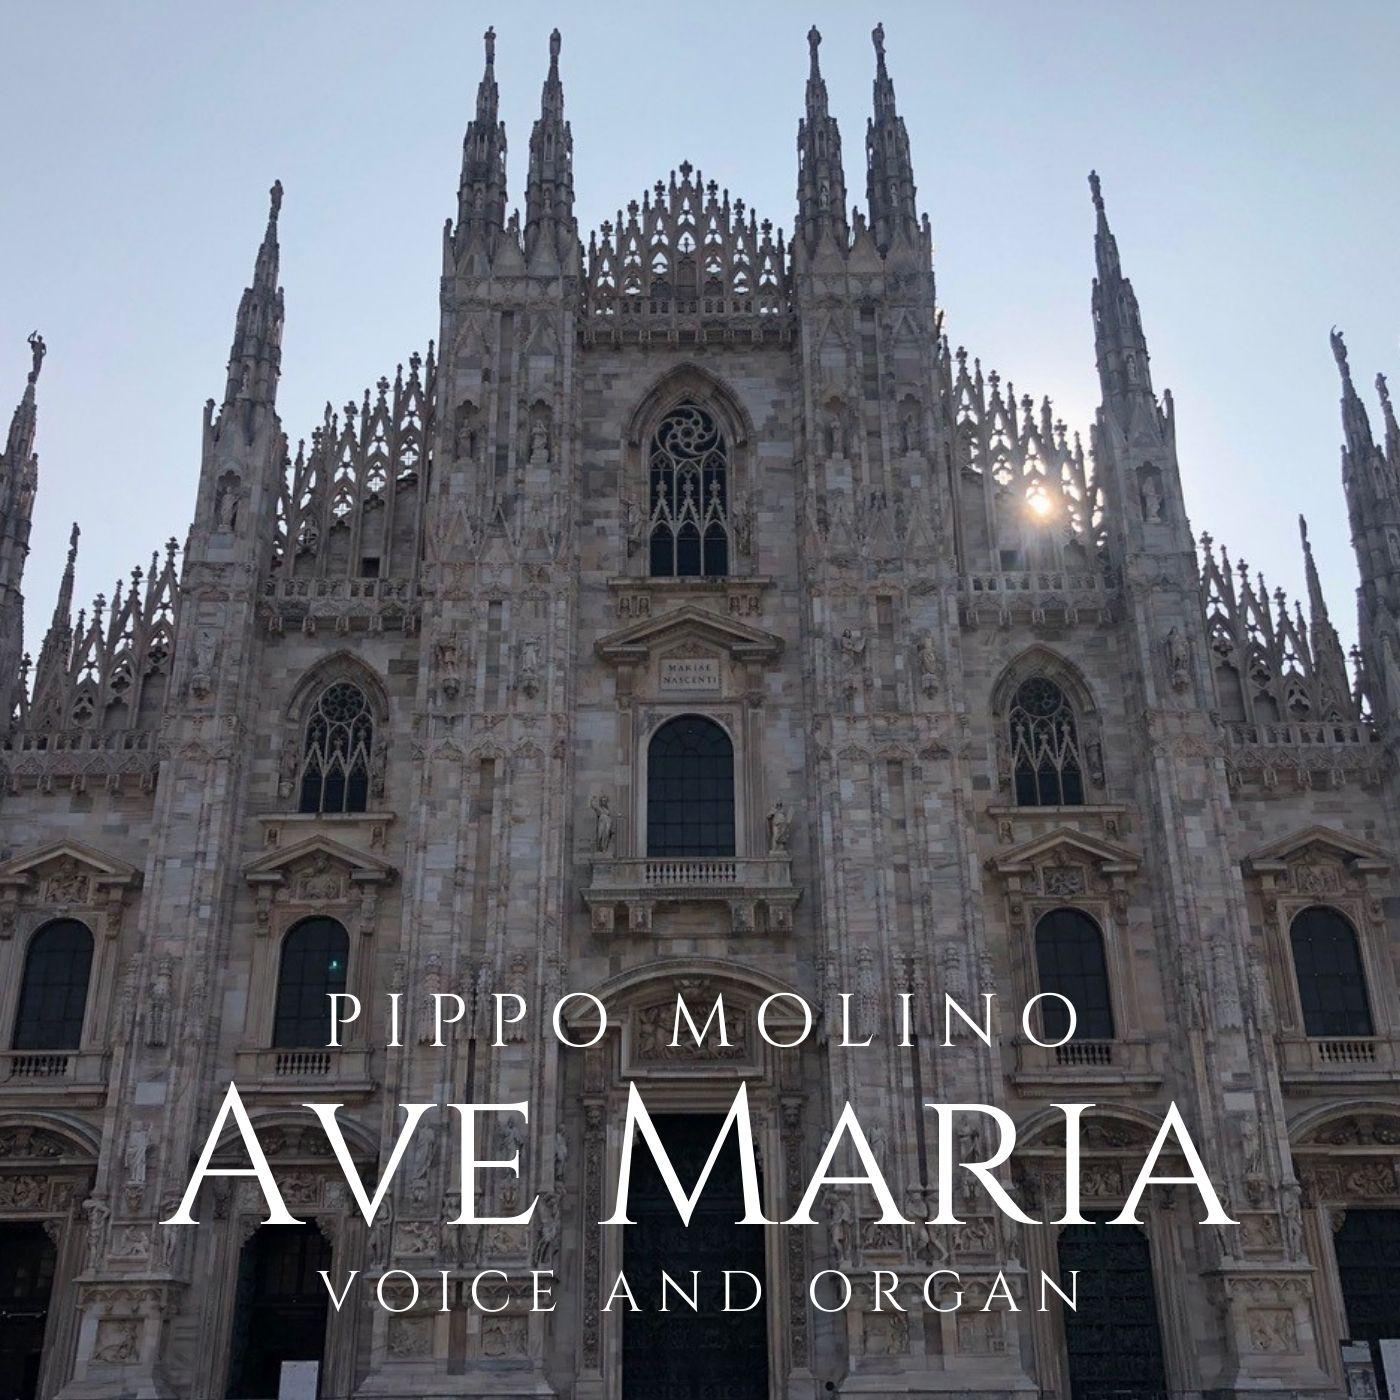 Pippo Molino: Ave Maria, Voice and Organ